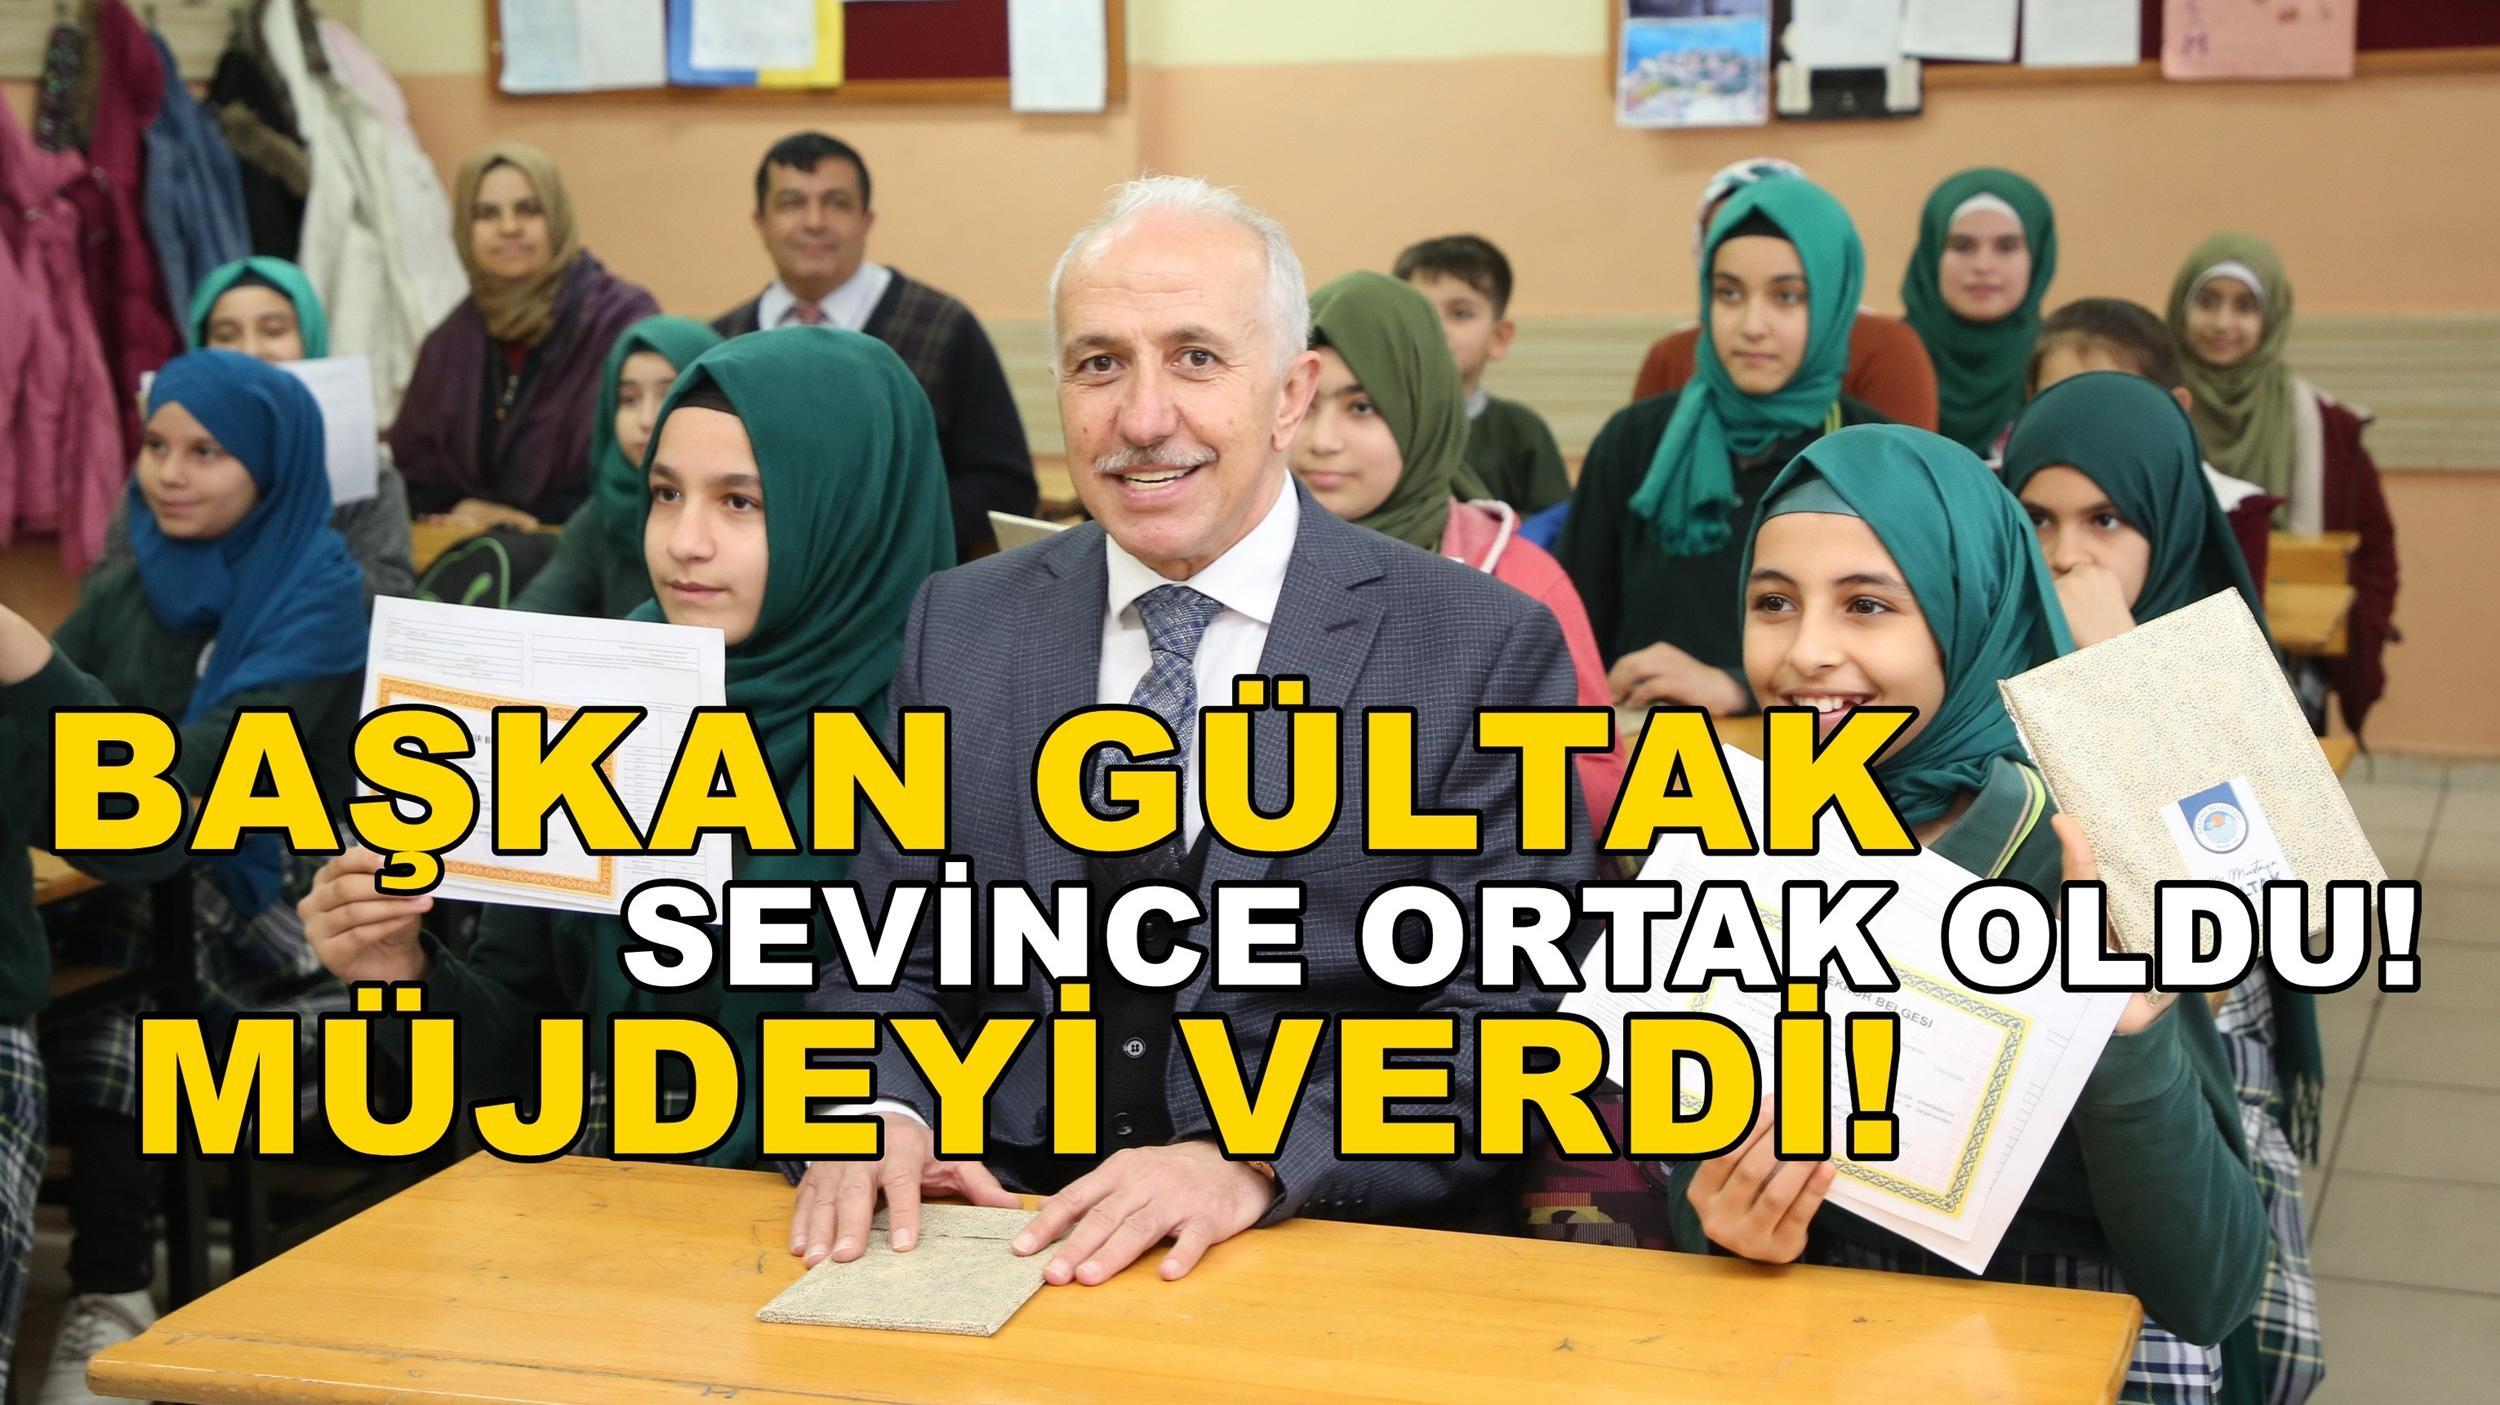 Başkan Gültak'tan öğrencilere müjde!